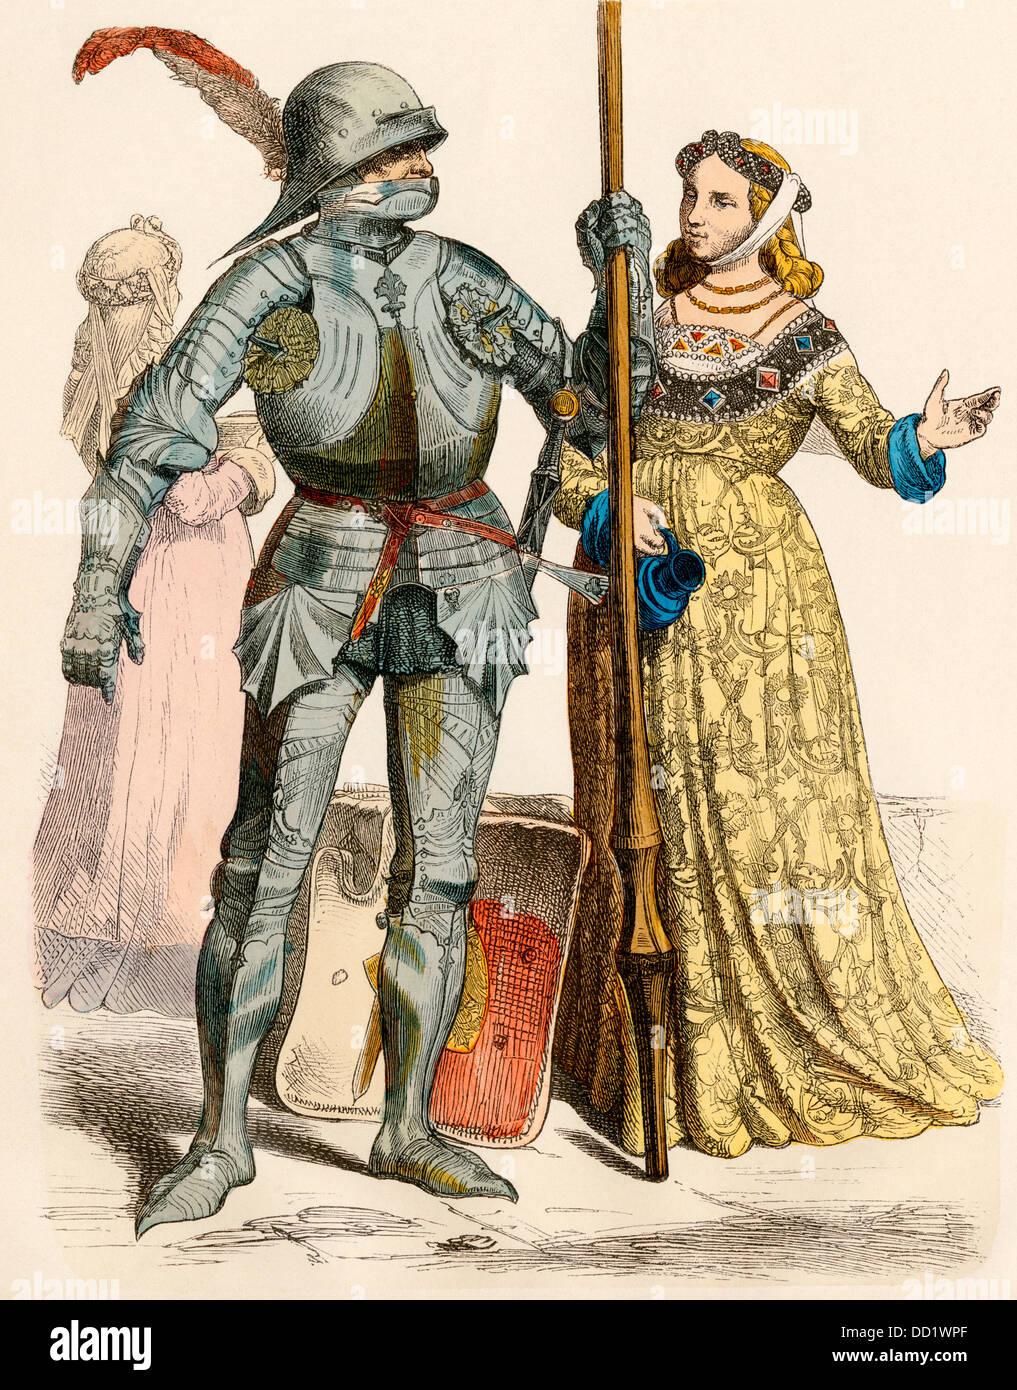 Armadura de caballero en alemán y una dama, mid-1400s. Mano de color imprimir Imagen De Stock